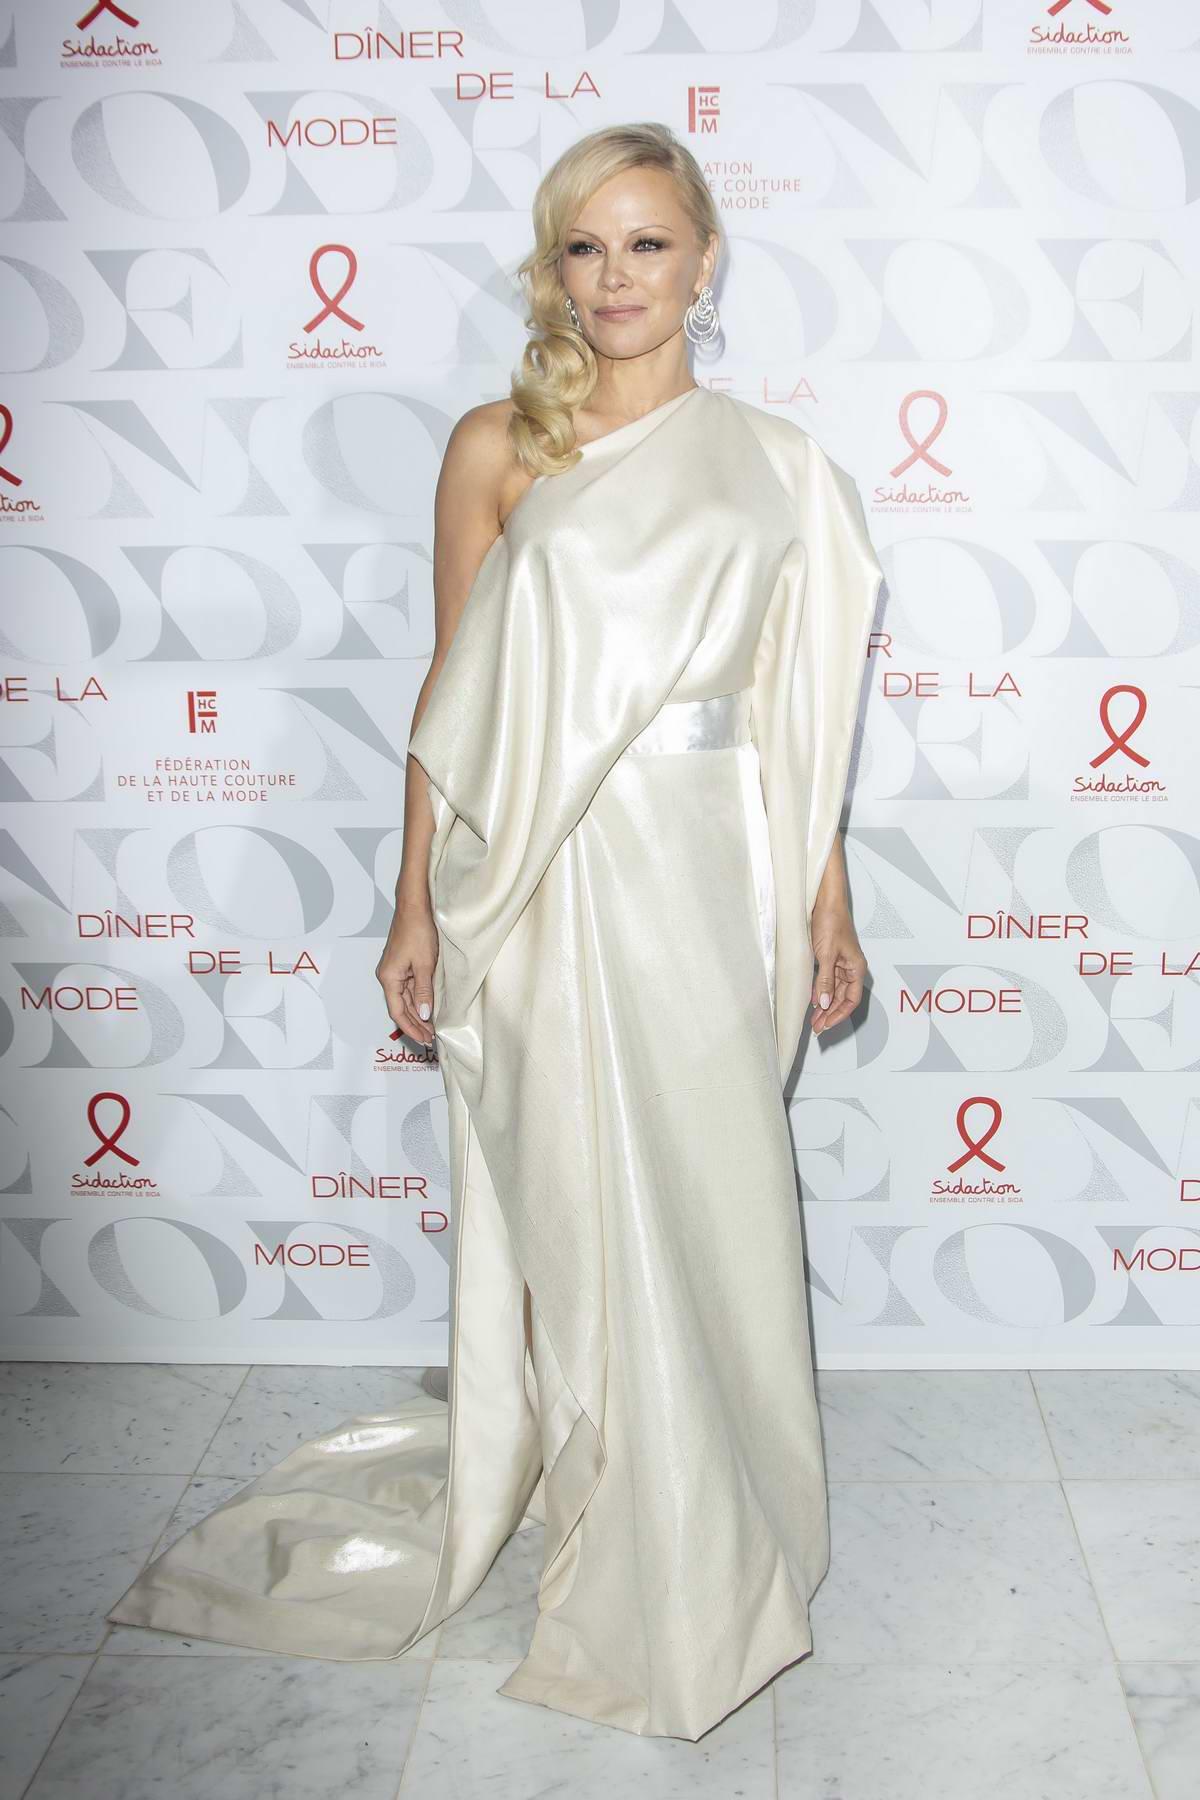 Pamela Anderson attends 17th 'Diner De La Mode' during Paris Fashion Week in Paris, France